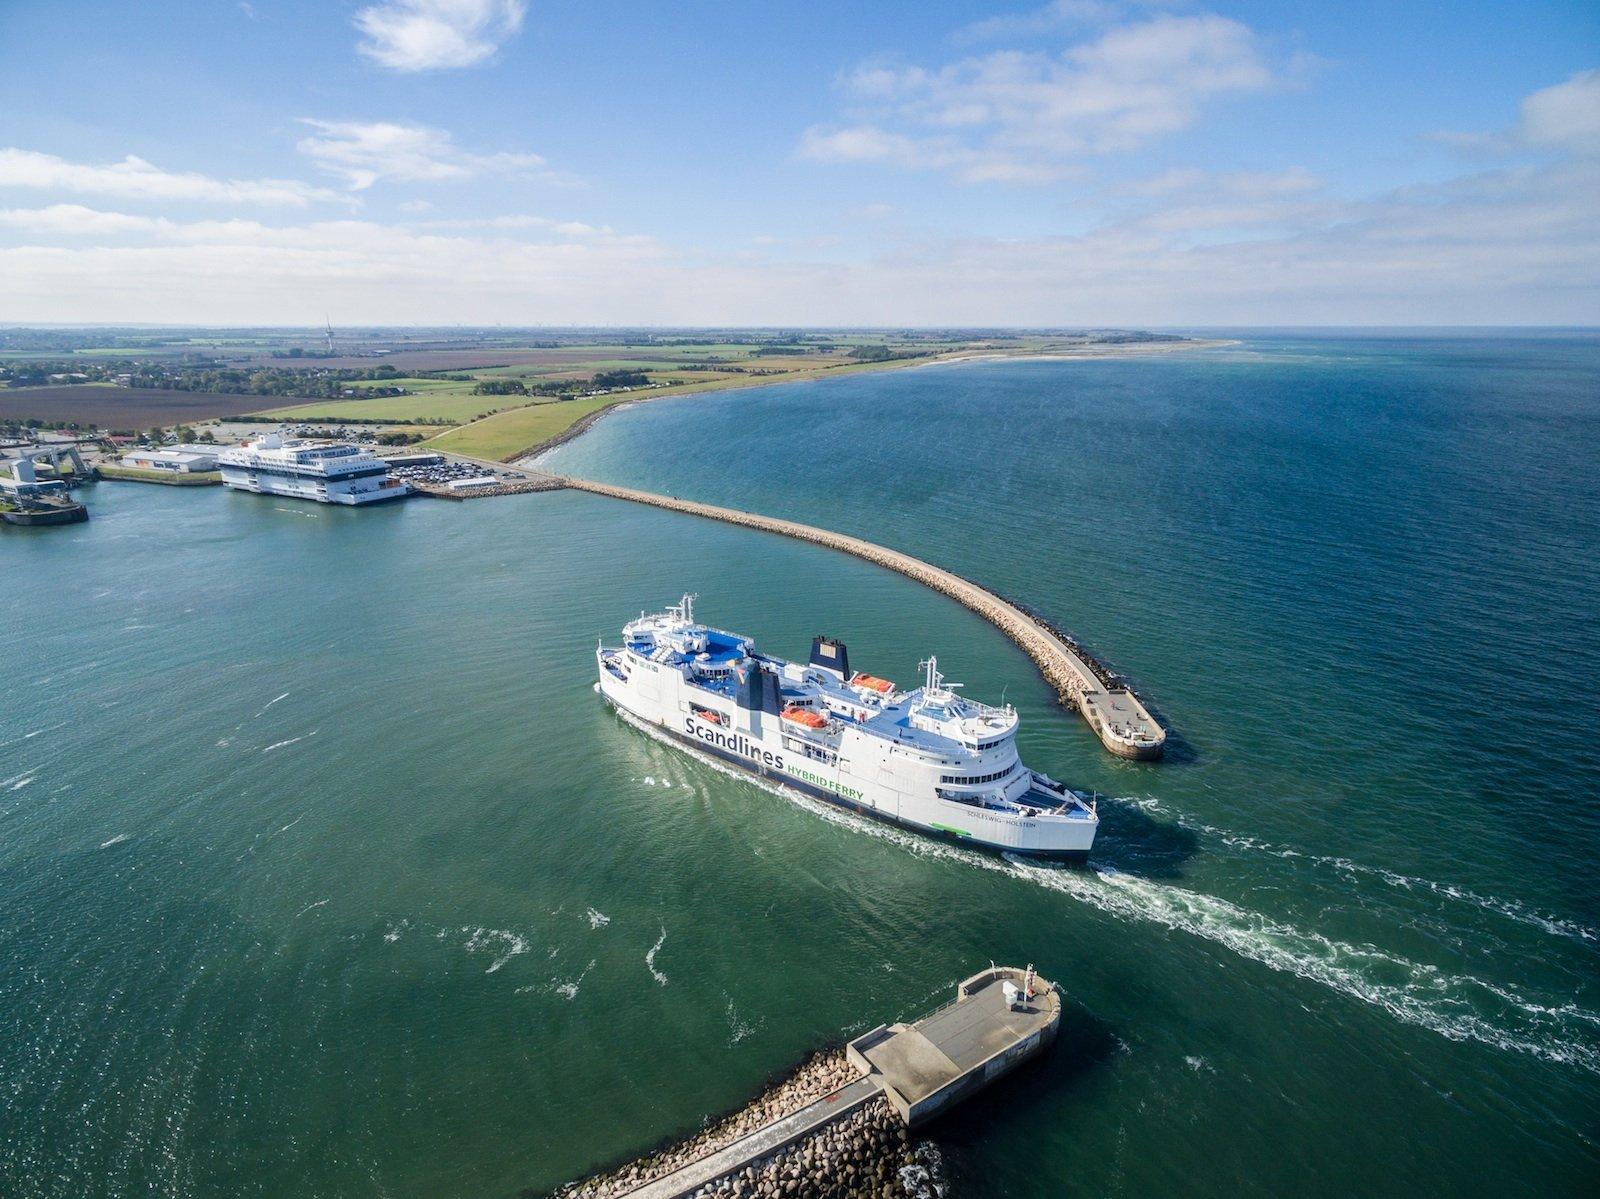 Mit mehr als 90.000 Abfahrten verteilt auf zwölf Fähren transportierte Scandlines 2014 insgesamt 14,8 Millionen Passagiere, 3,2 Millionen Pkw, 900.000 Frachteinheiten sowie 60.000 Busse auf den Routen Puttgarden-Rødby, Rostock-Gedser und Helsingør-Helsingborg.